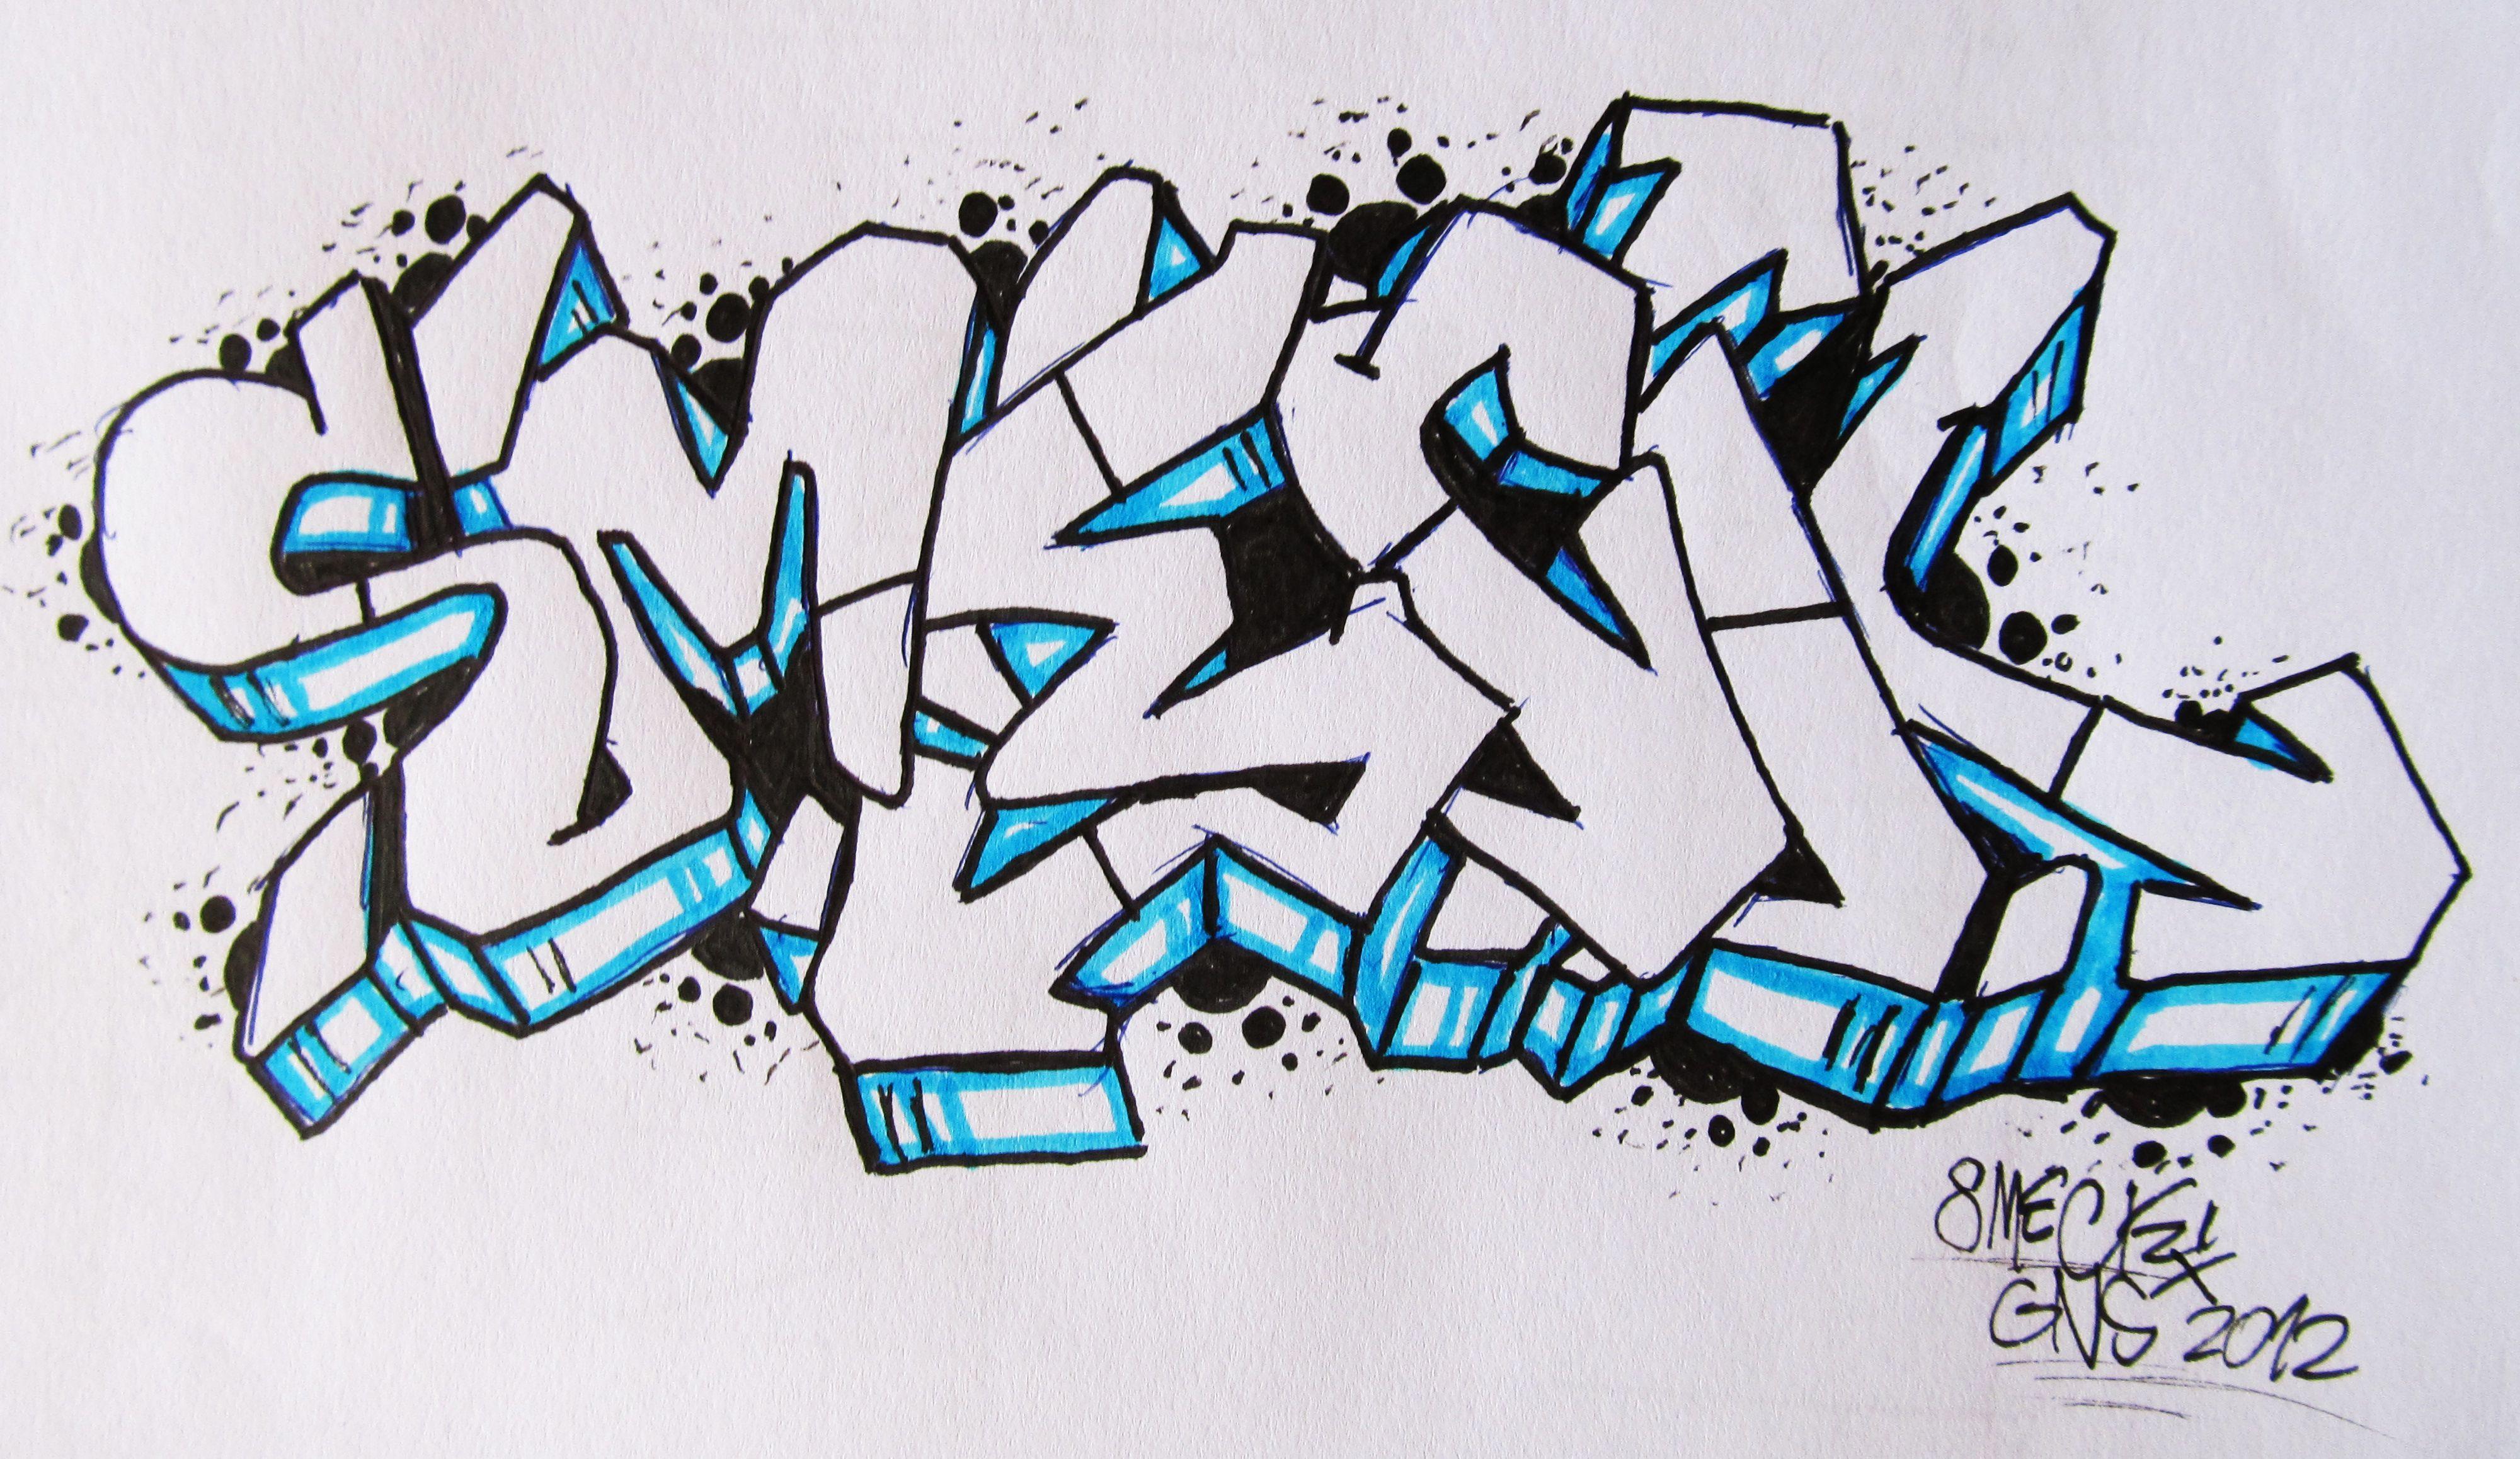 картинки граффити легкие граффити запросу